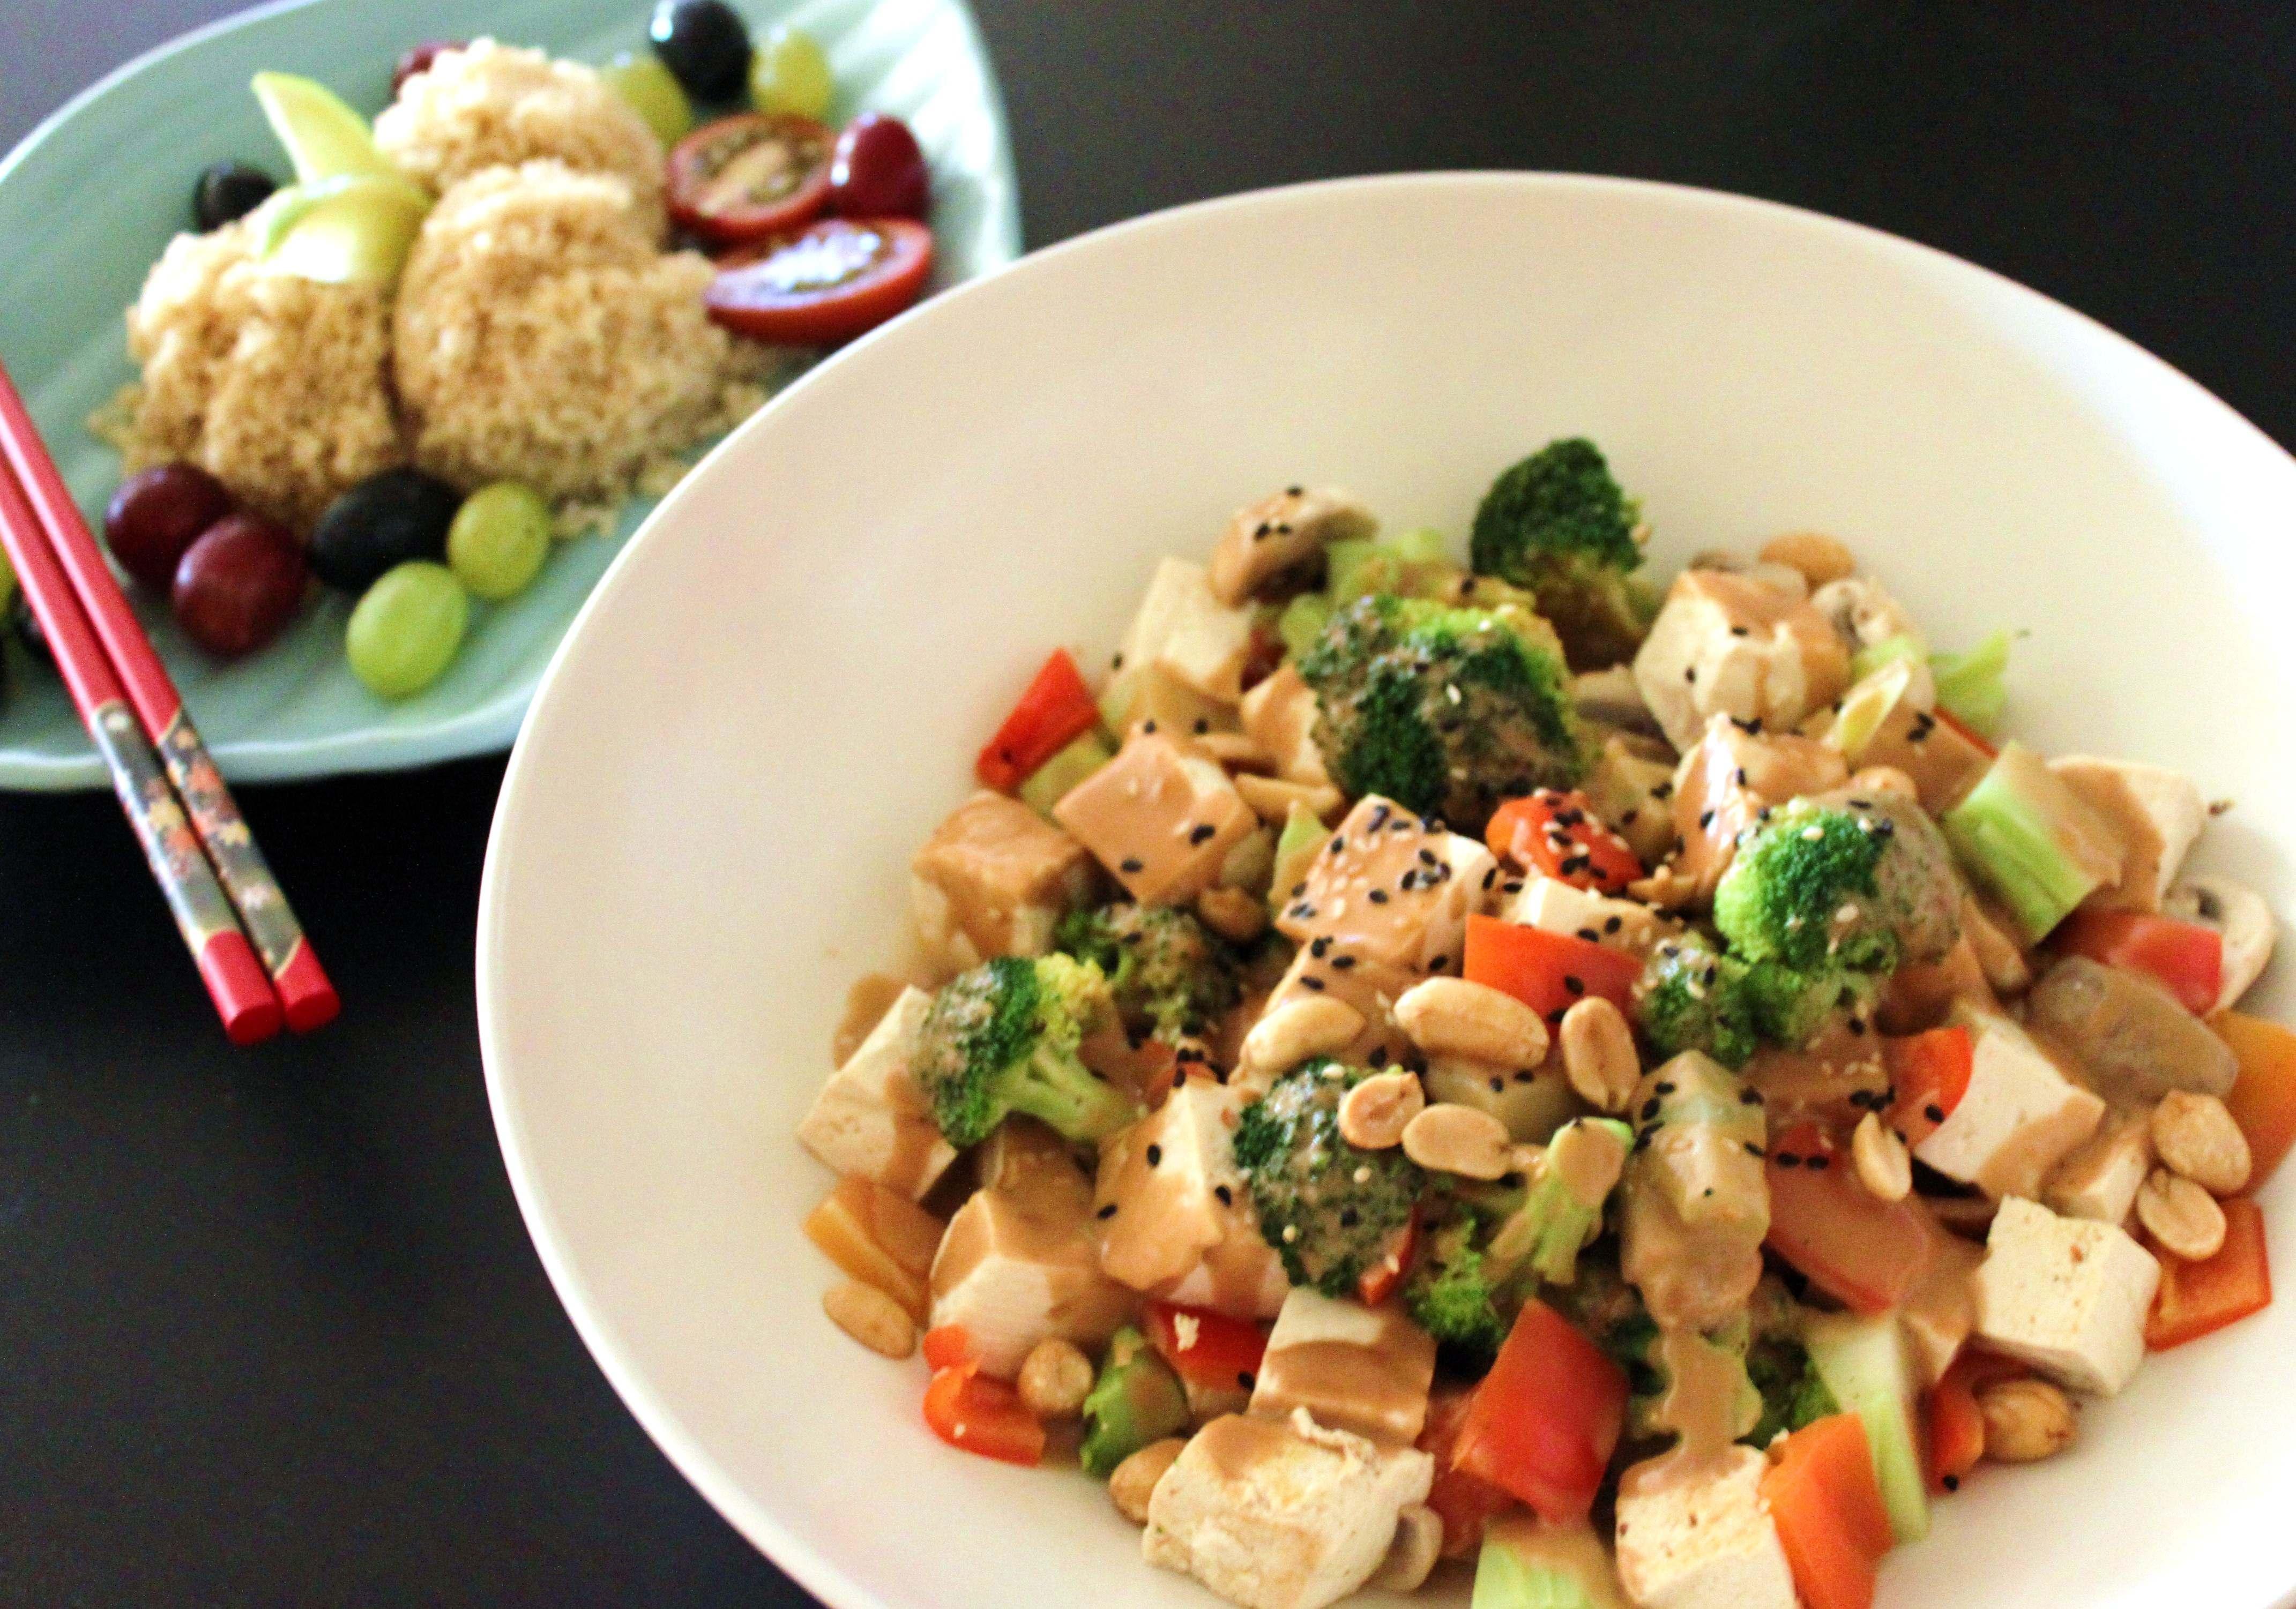 Peanut Sauce Vegetable Stir Fry with Tofu